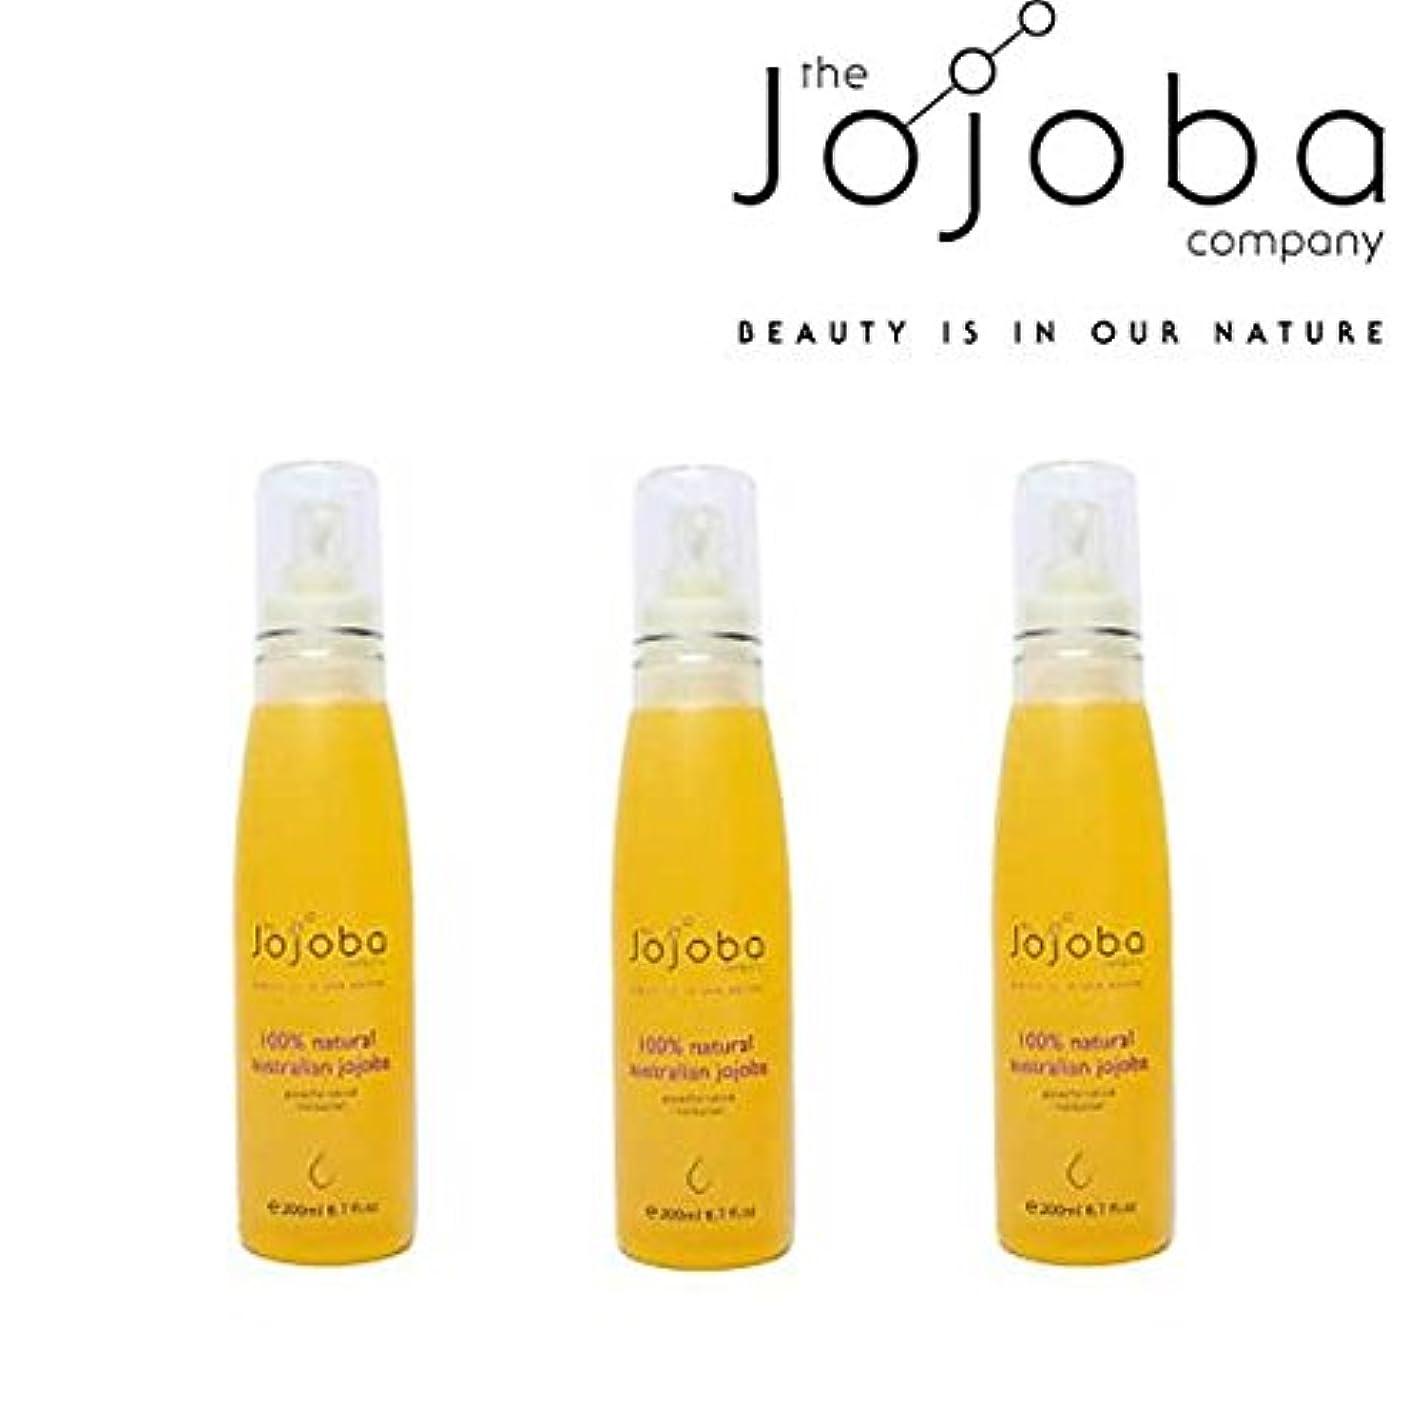 予感タヒチほのめかす[The jojoba Company]天然100% オーストラリア産ゴールデンホホバオイル200ml(3本セット)[海外直送品]